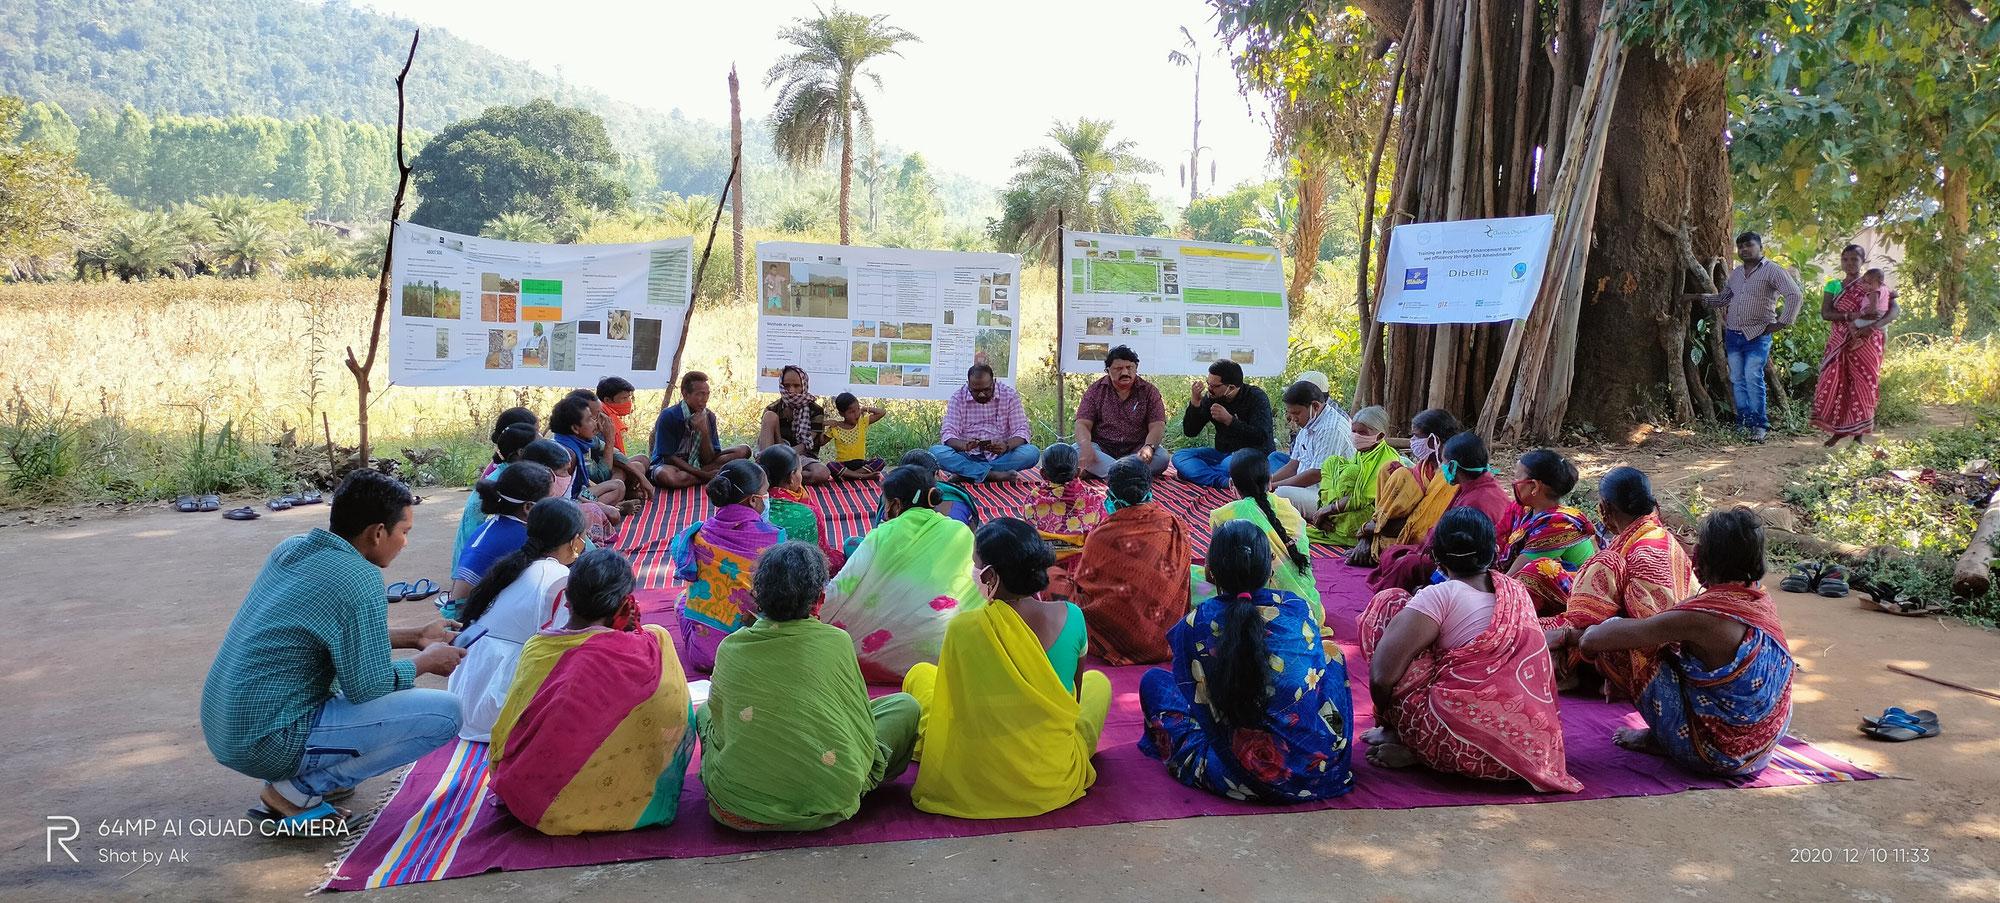 Bio-Baumwoll-Projekt mit gedeihlichen Aussichten